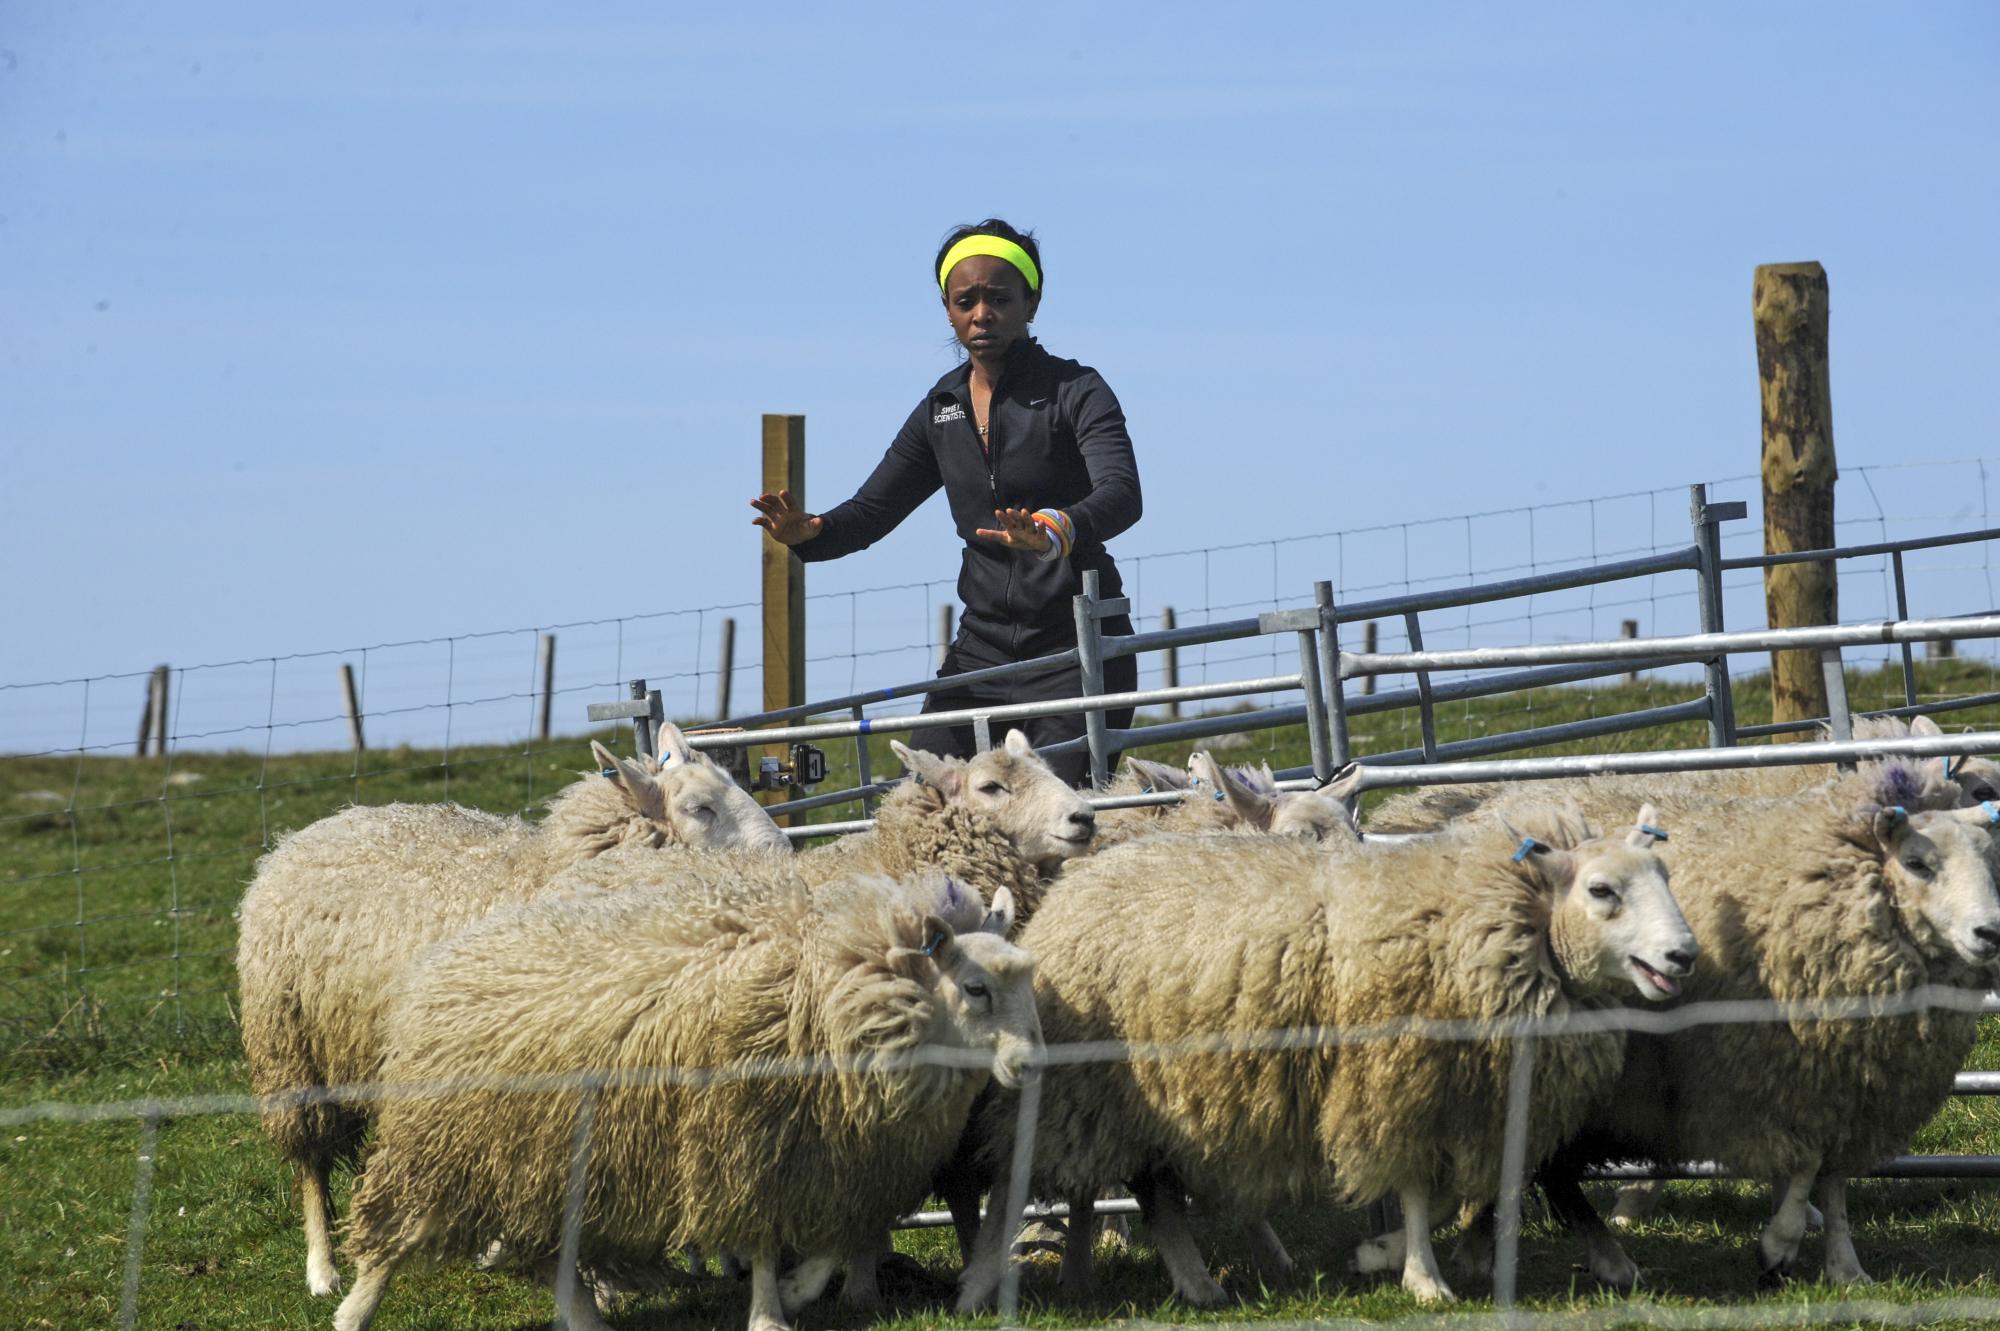 Herding a flock of sheep